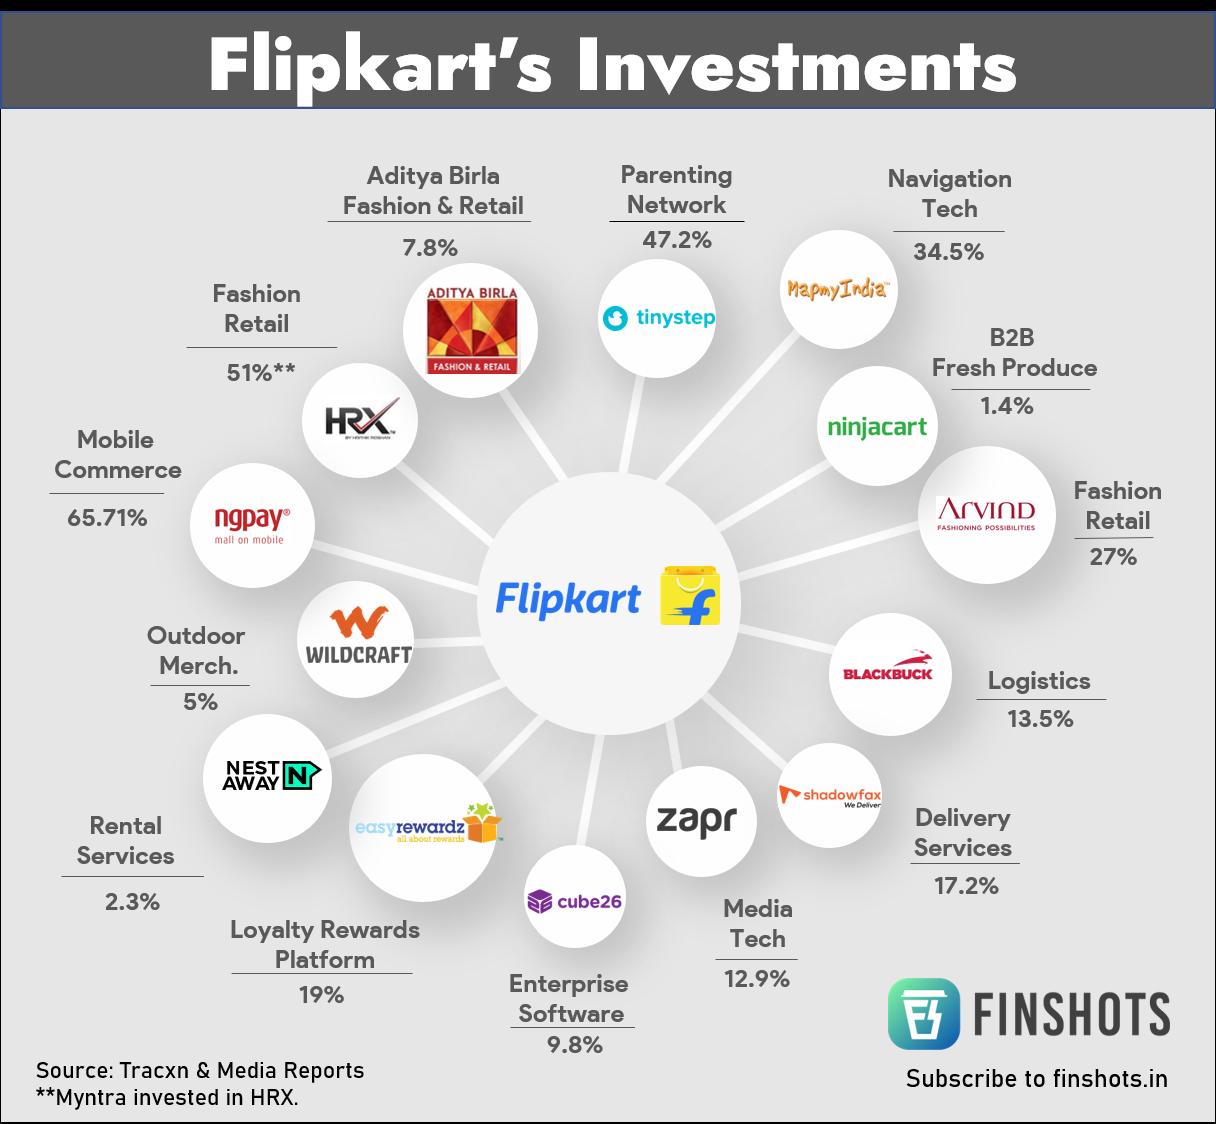 Flipkart's Investments